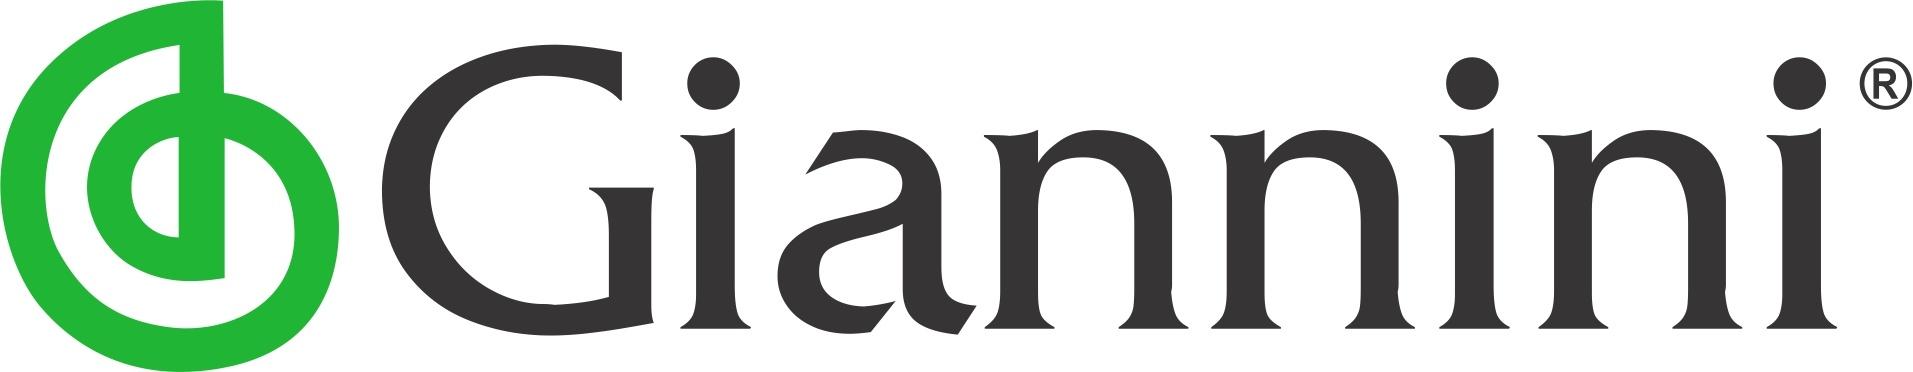 https://0201.nccdn.net/1_2/000/000/153/f80/logo-Giannini-1913x372.jpg